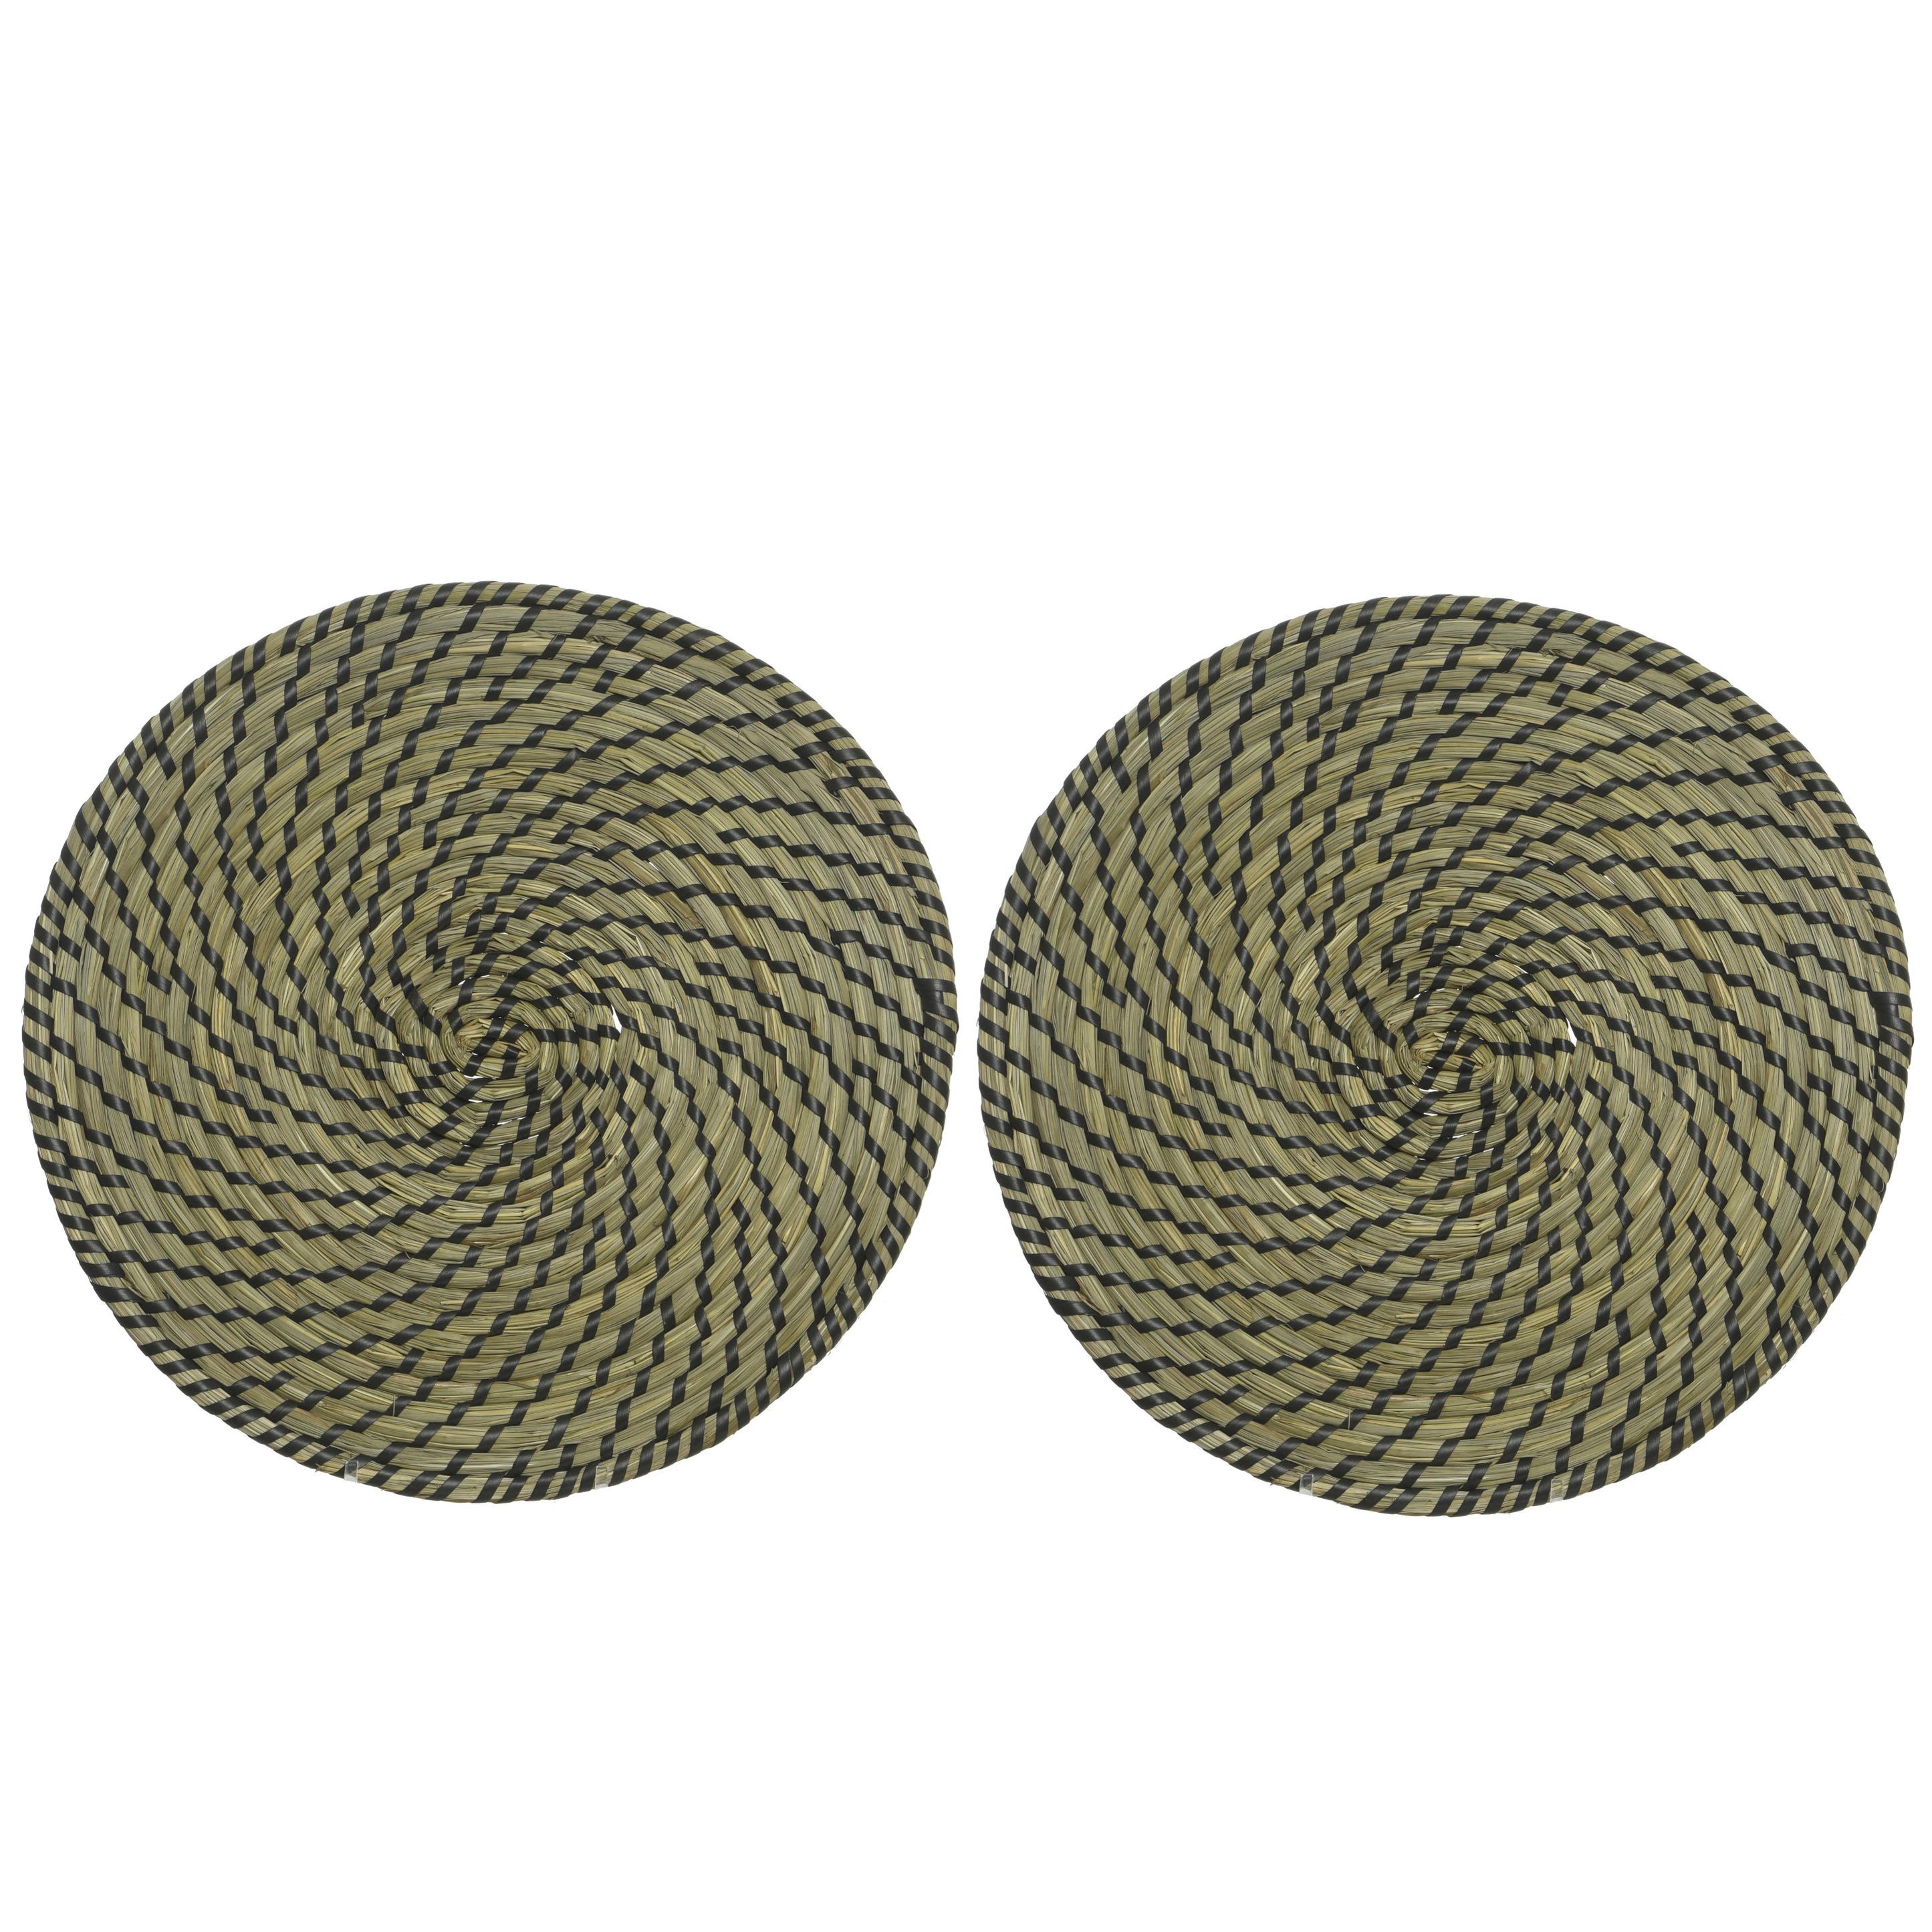 12x stuks placemats rond groen/zwart zeegras 38 cm -